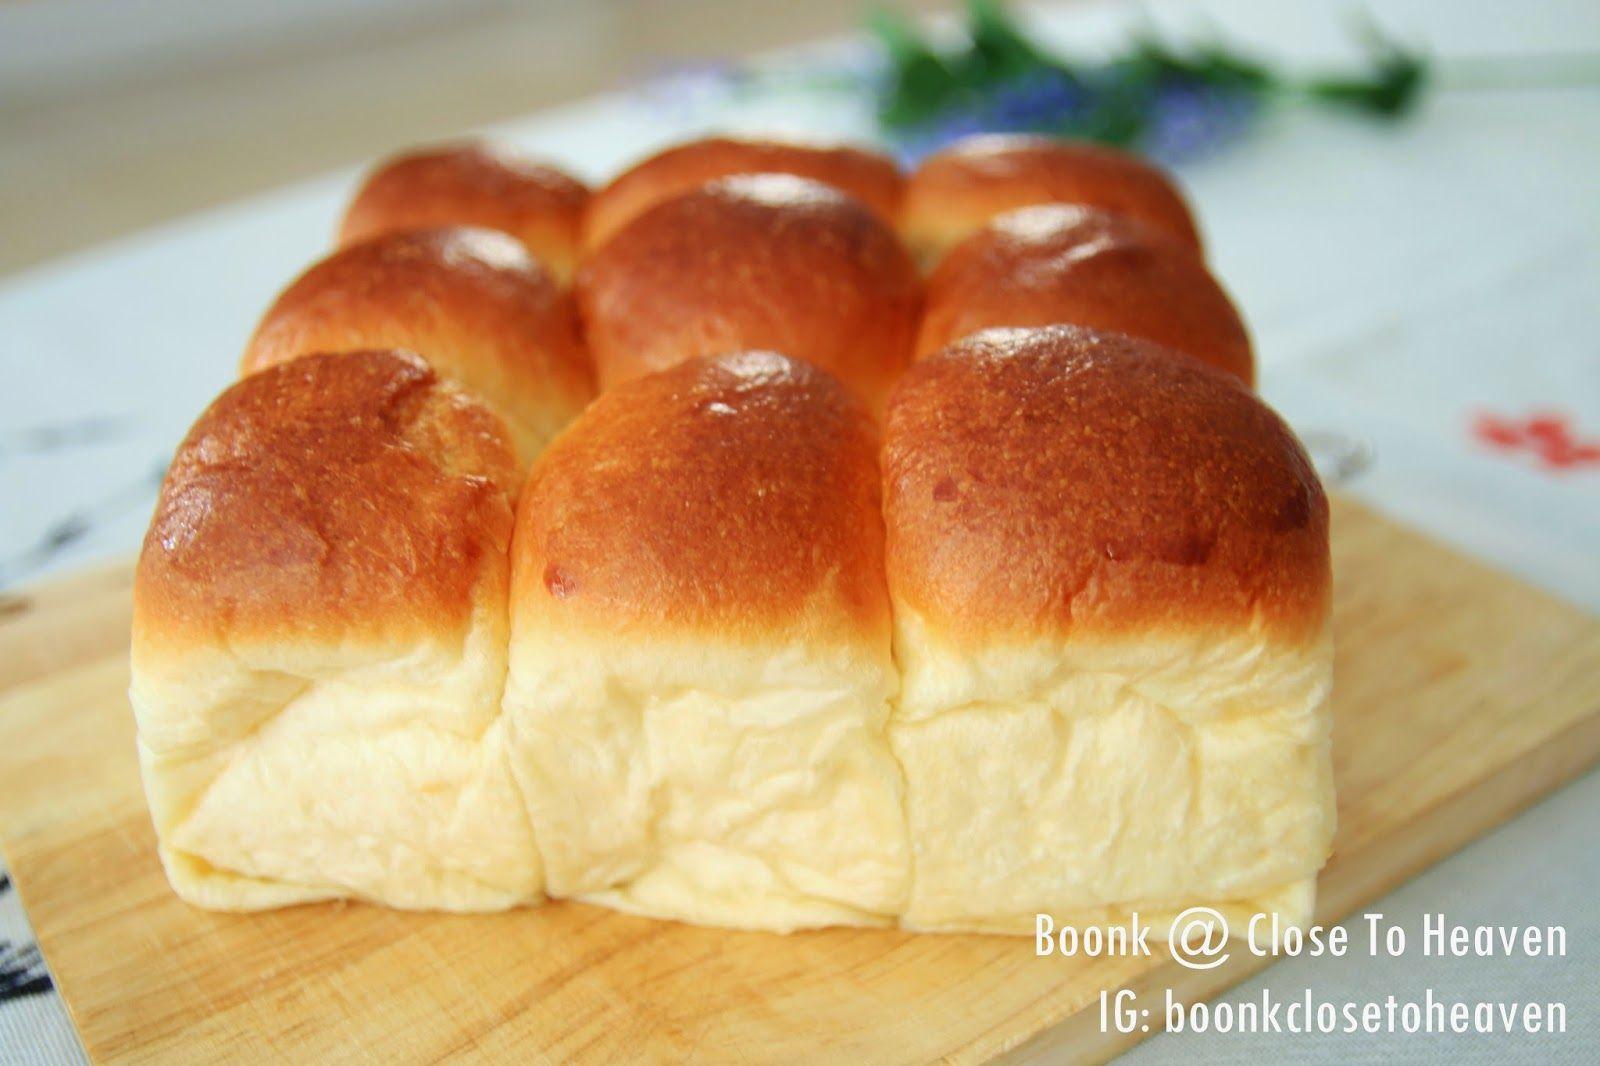 Milk Bread ขนมปังนมสด *** เบเกอรี่